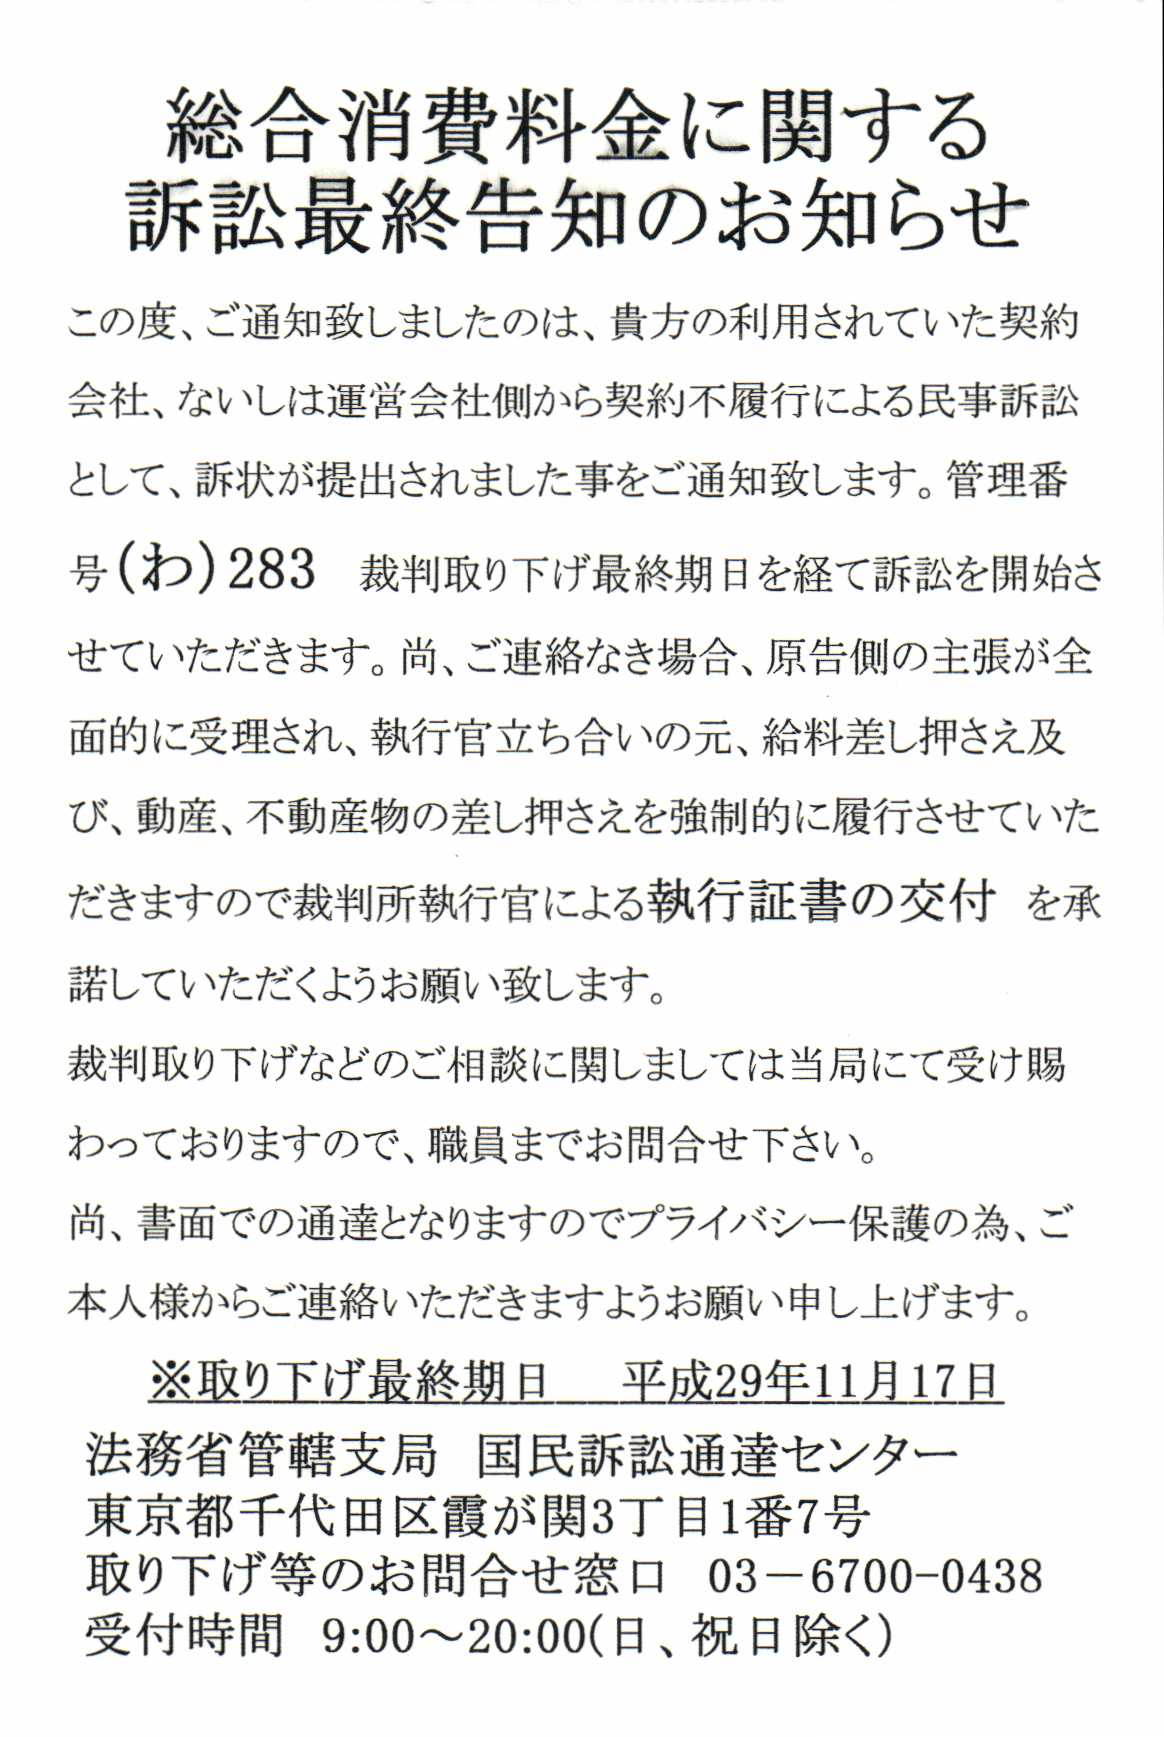 総合消費料金ハガキ